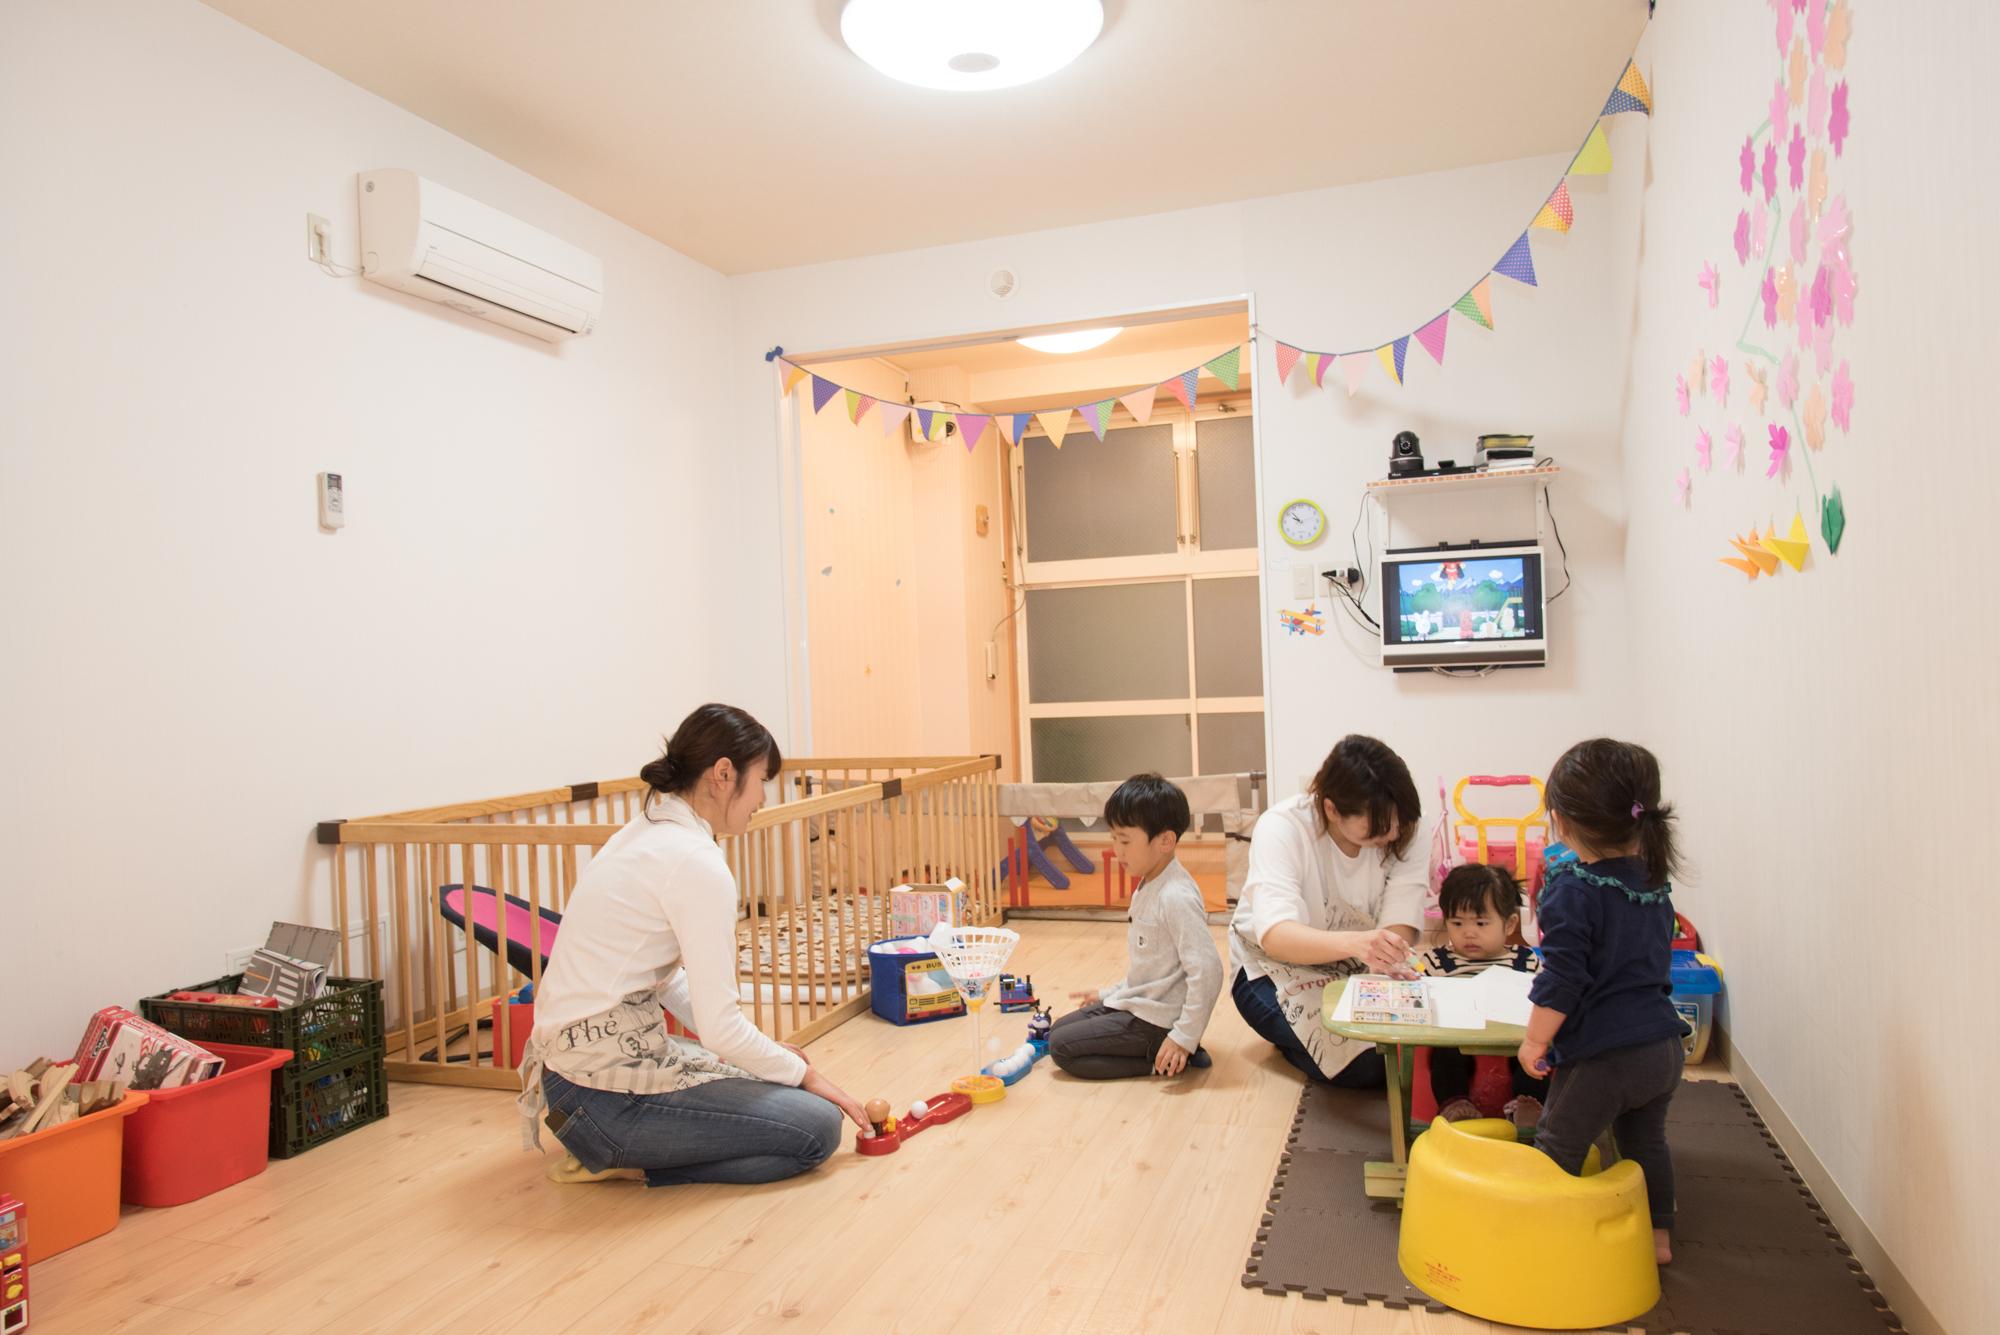 待機児童として保育園の入園を希望するスタッフの場合、ここに預けて働いていることが加点になる。「入園希望申請書の記入にも協力しています」と青江さん